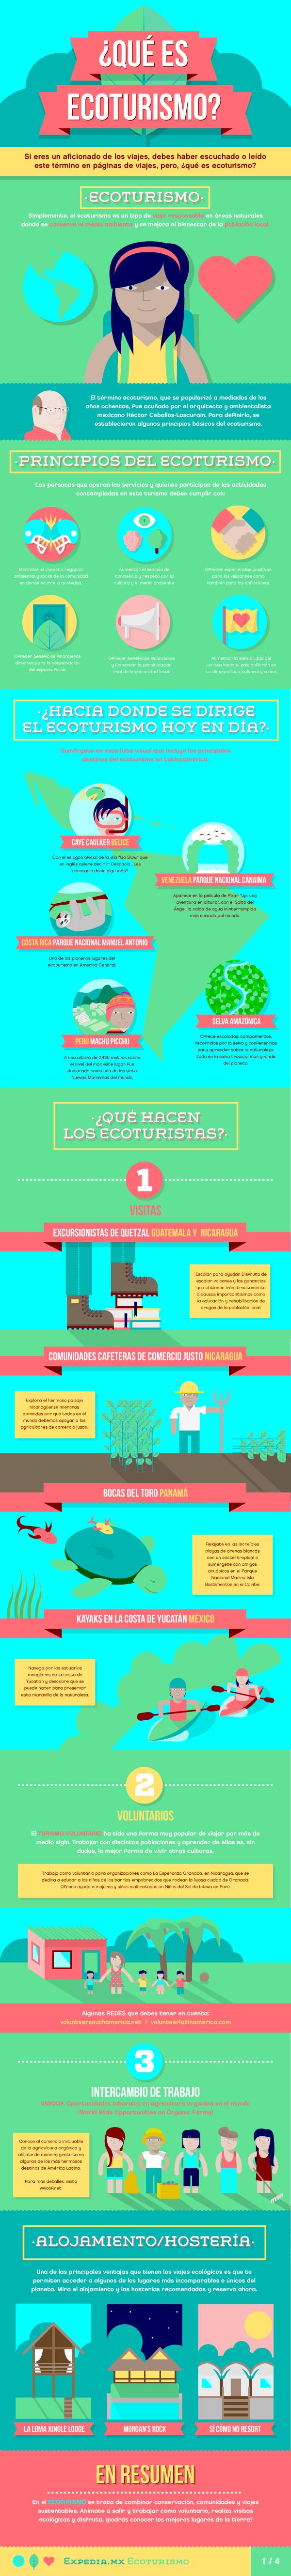 Infografía: ¿Qué es Ecoturismo?